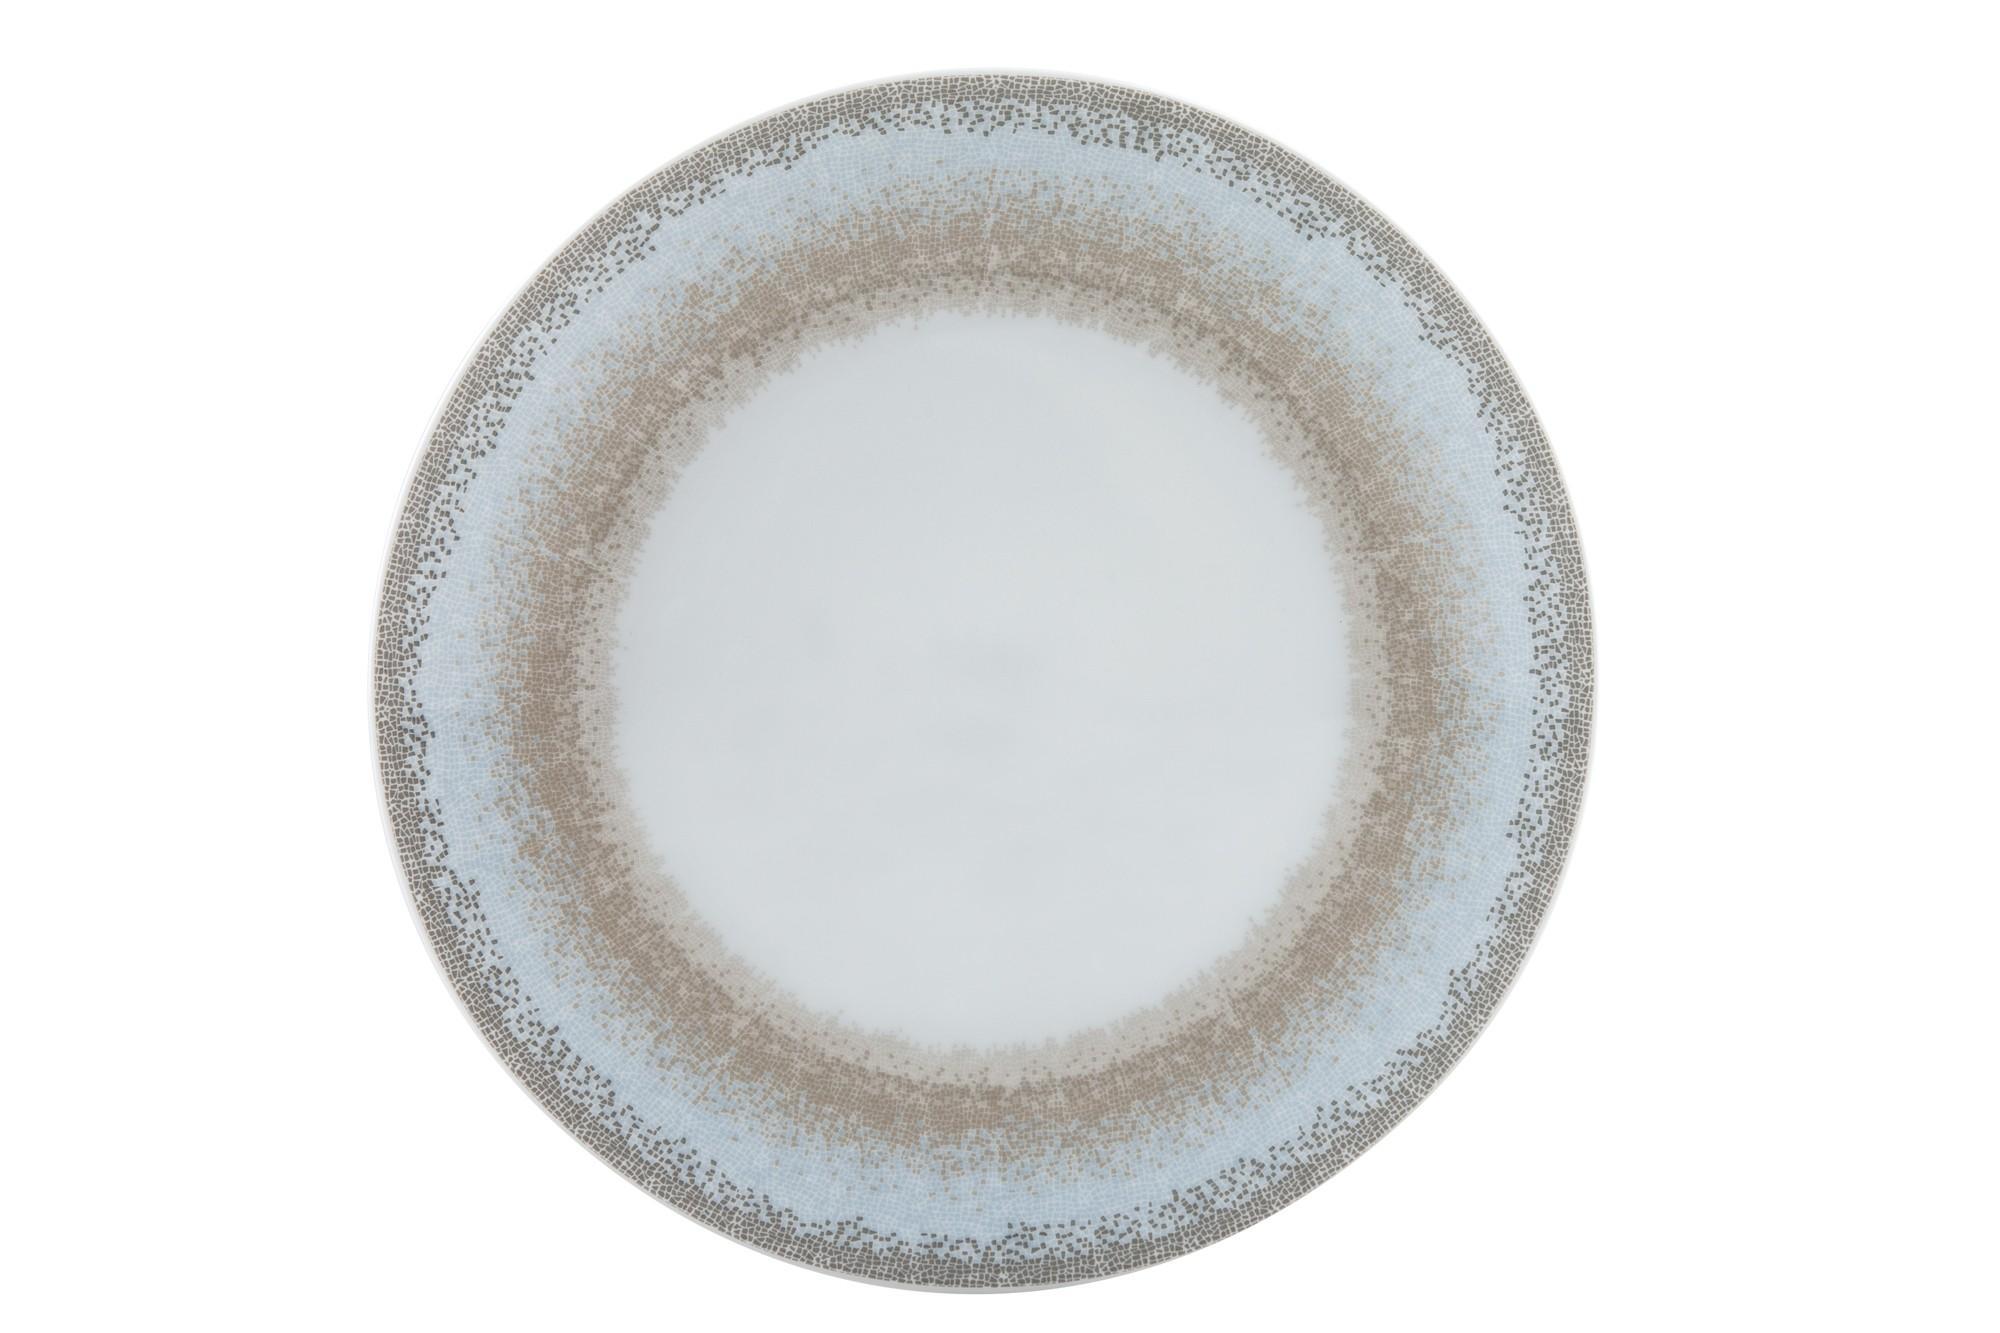 Πιάτο Ρηχό Σετ 6Τμχ Apeiron Beige 27cm Ionia home   ειδη σερβιρισματος   πιάτα